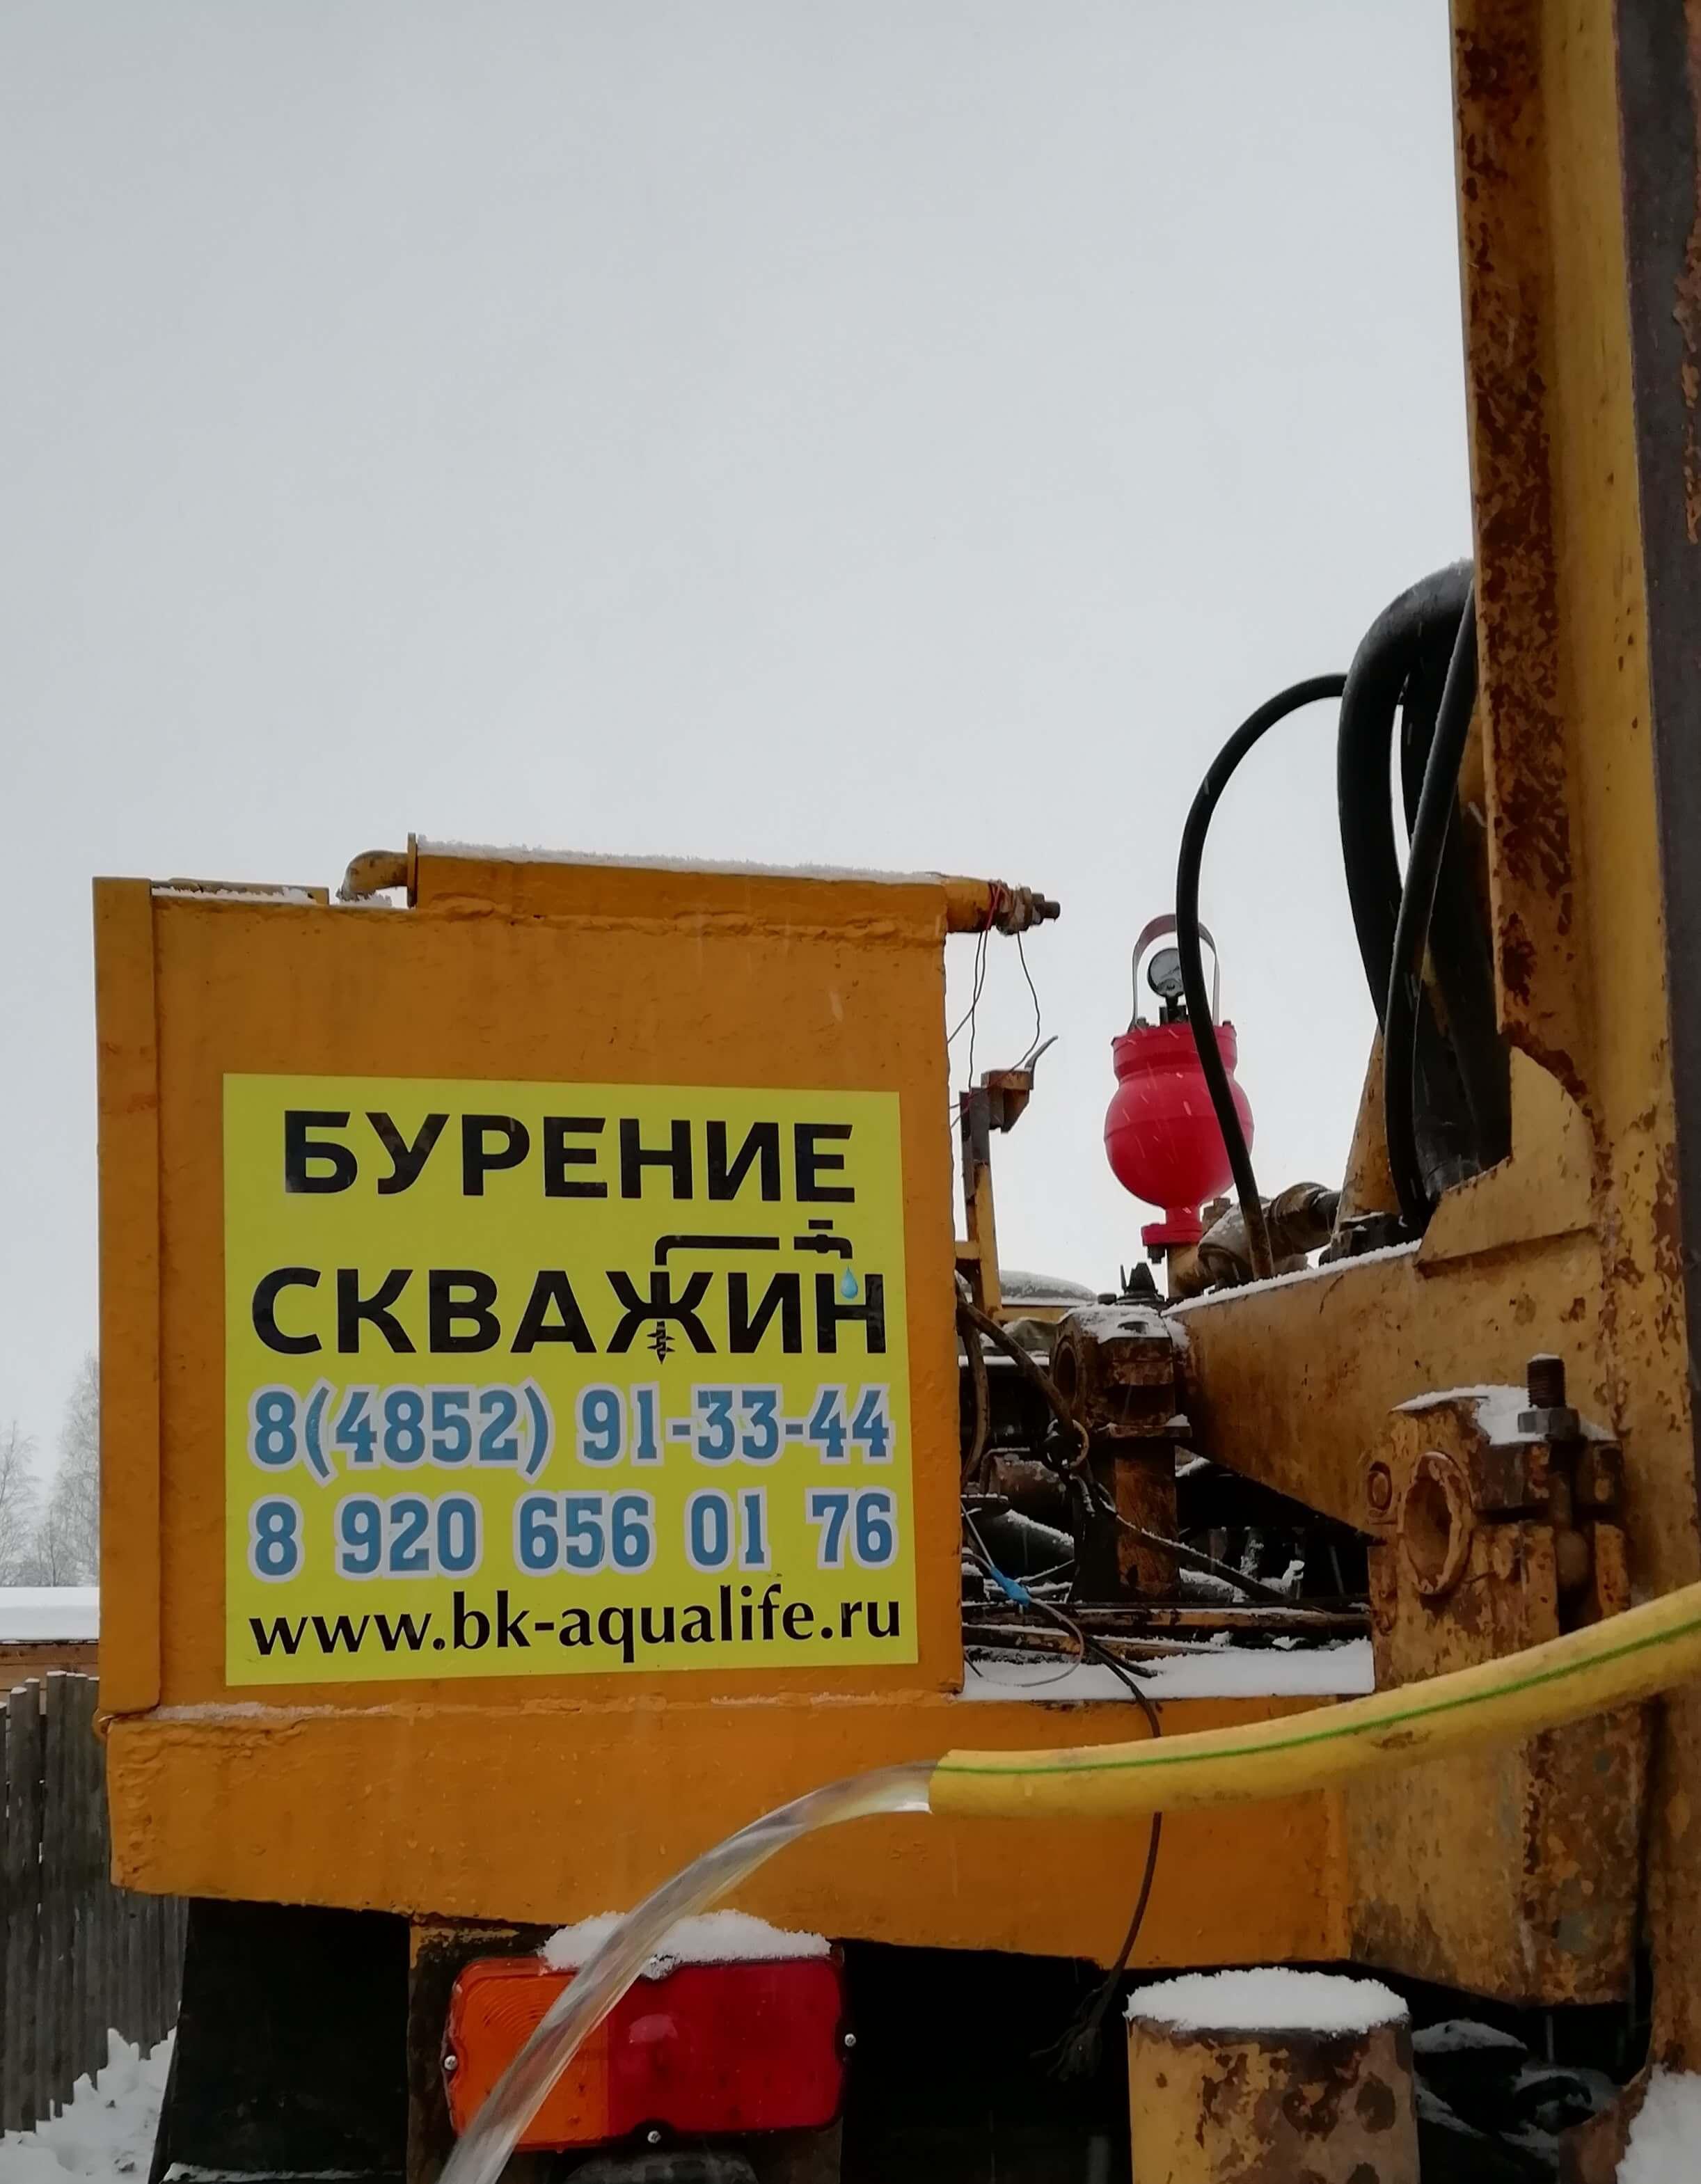 Бурение скважины на песок в д. Образцово (Глубина - 27 метров) 5